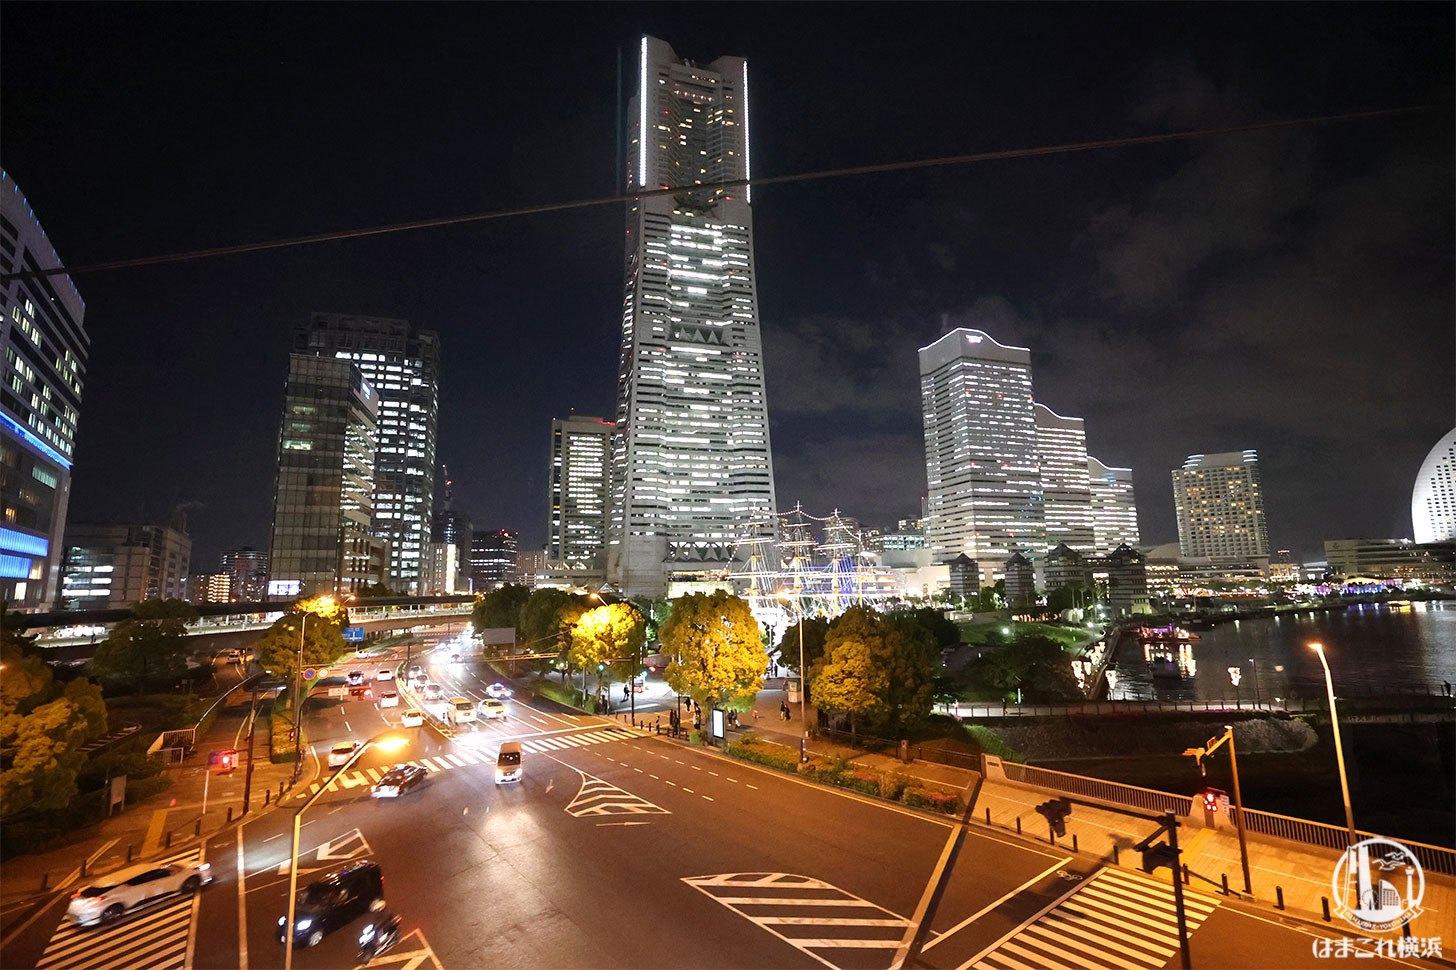 ゴンドラから見た横浜ランドマークタワーとビル群